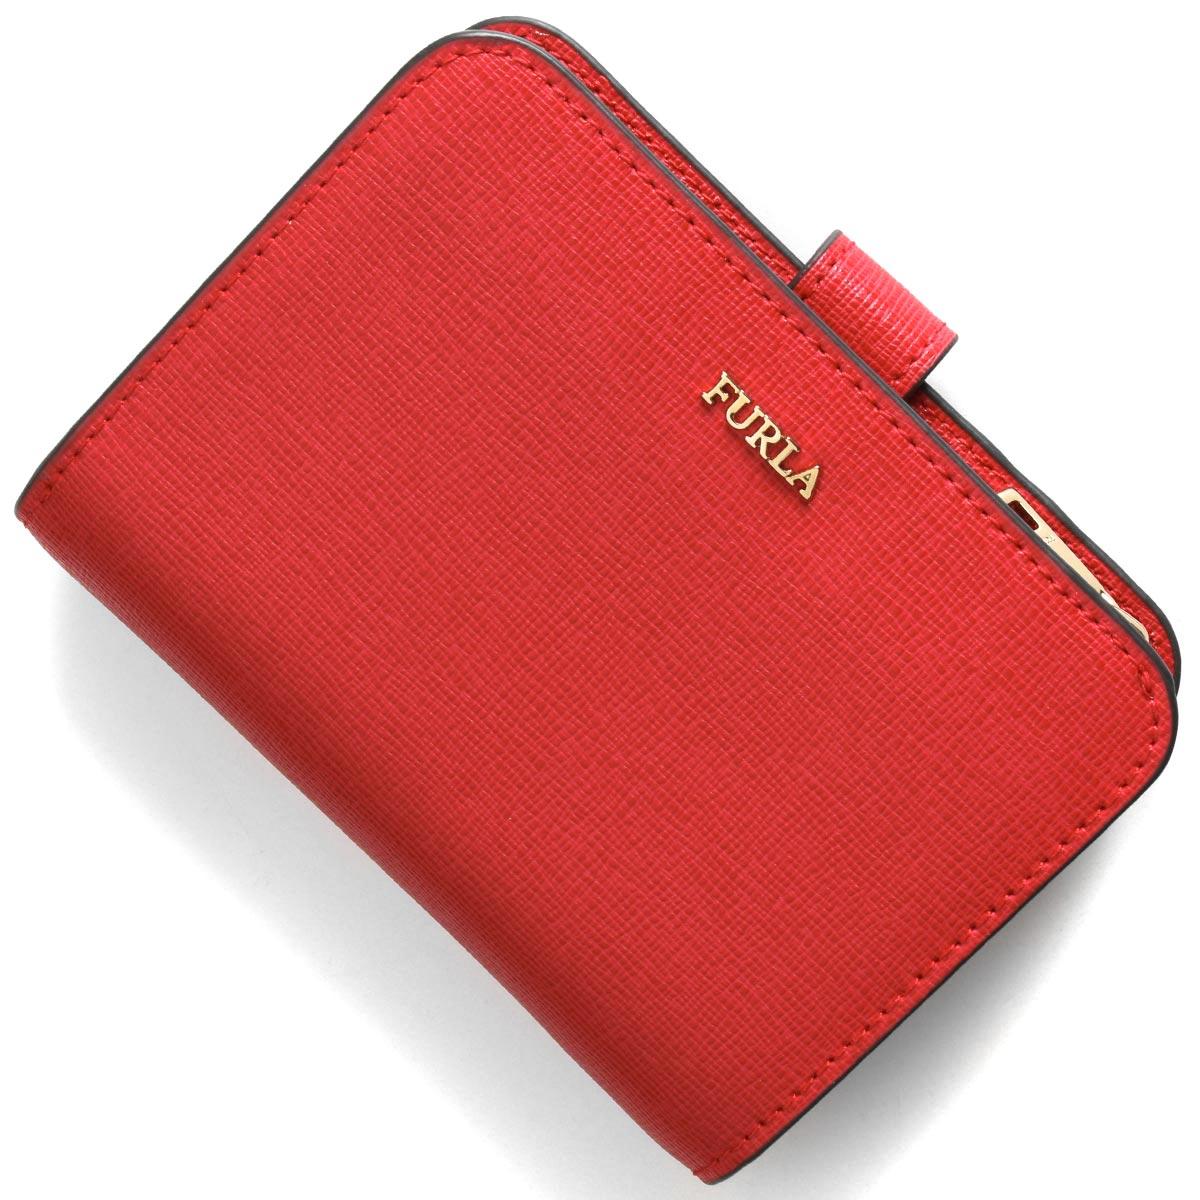 フルラ 二つ折り財布 財布 レディース バビロン スモール ルビーレッド PBF8 B30 RUB 1000420 FURLA